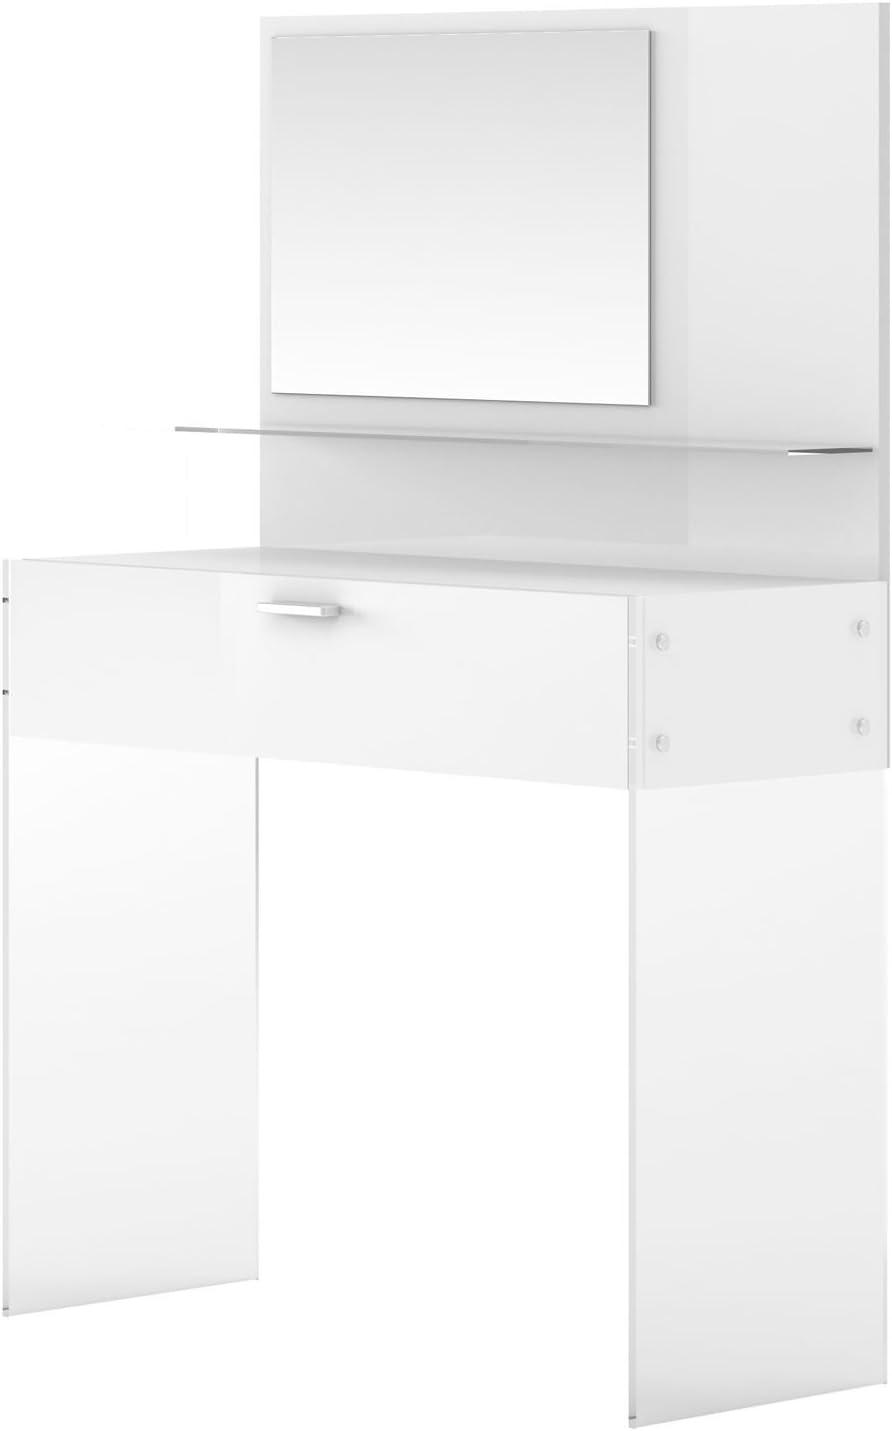 Alinea Crystal Coiffeuse 1 Tiroir Avec Miroir Blanc X92 0x135 4x36 Amazon Fr Cuisine Maison